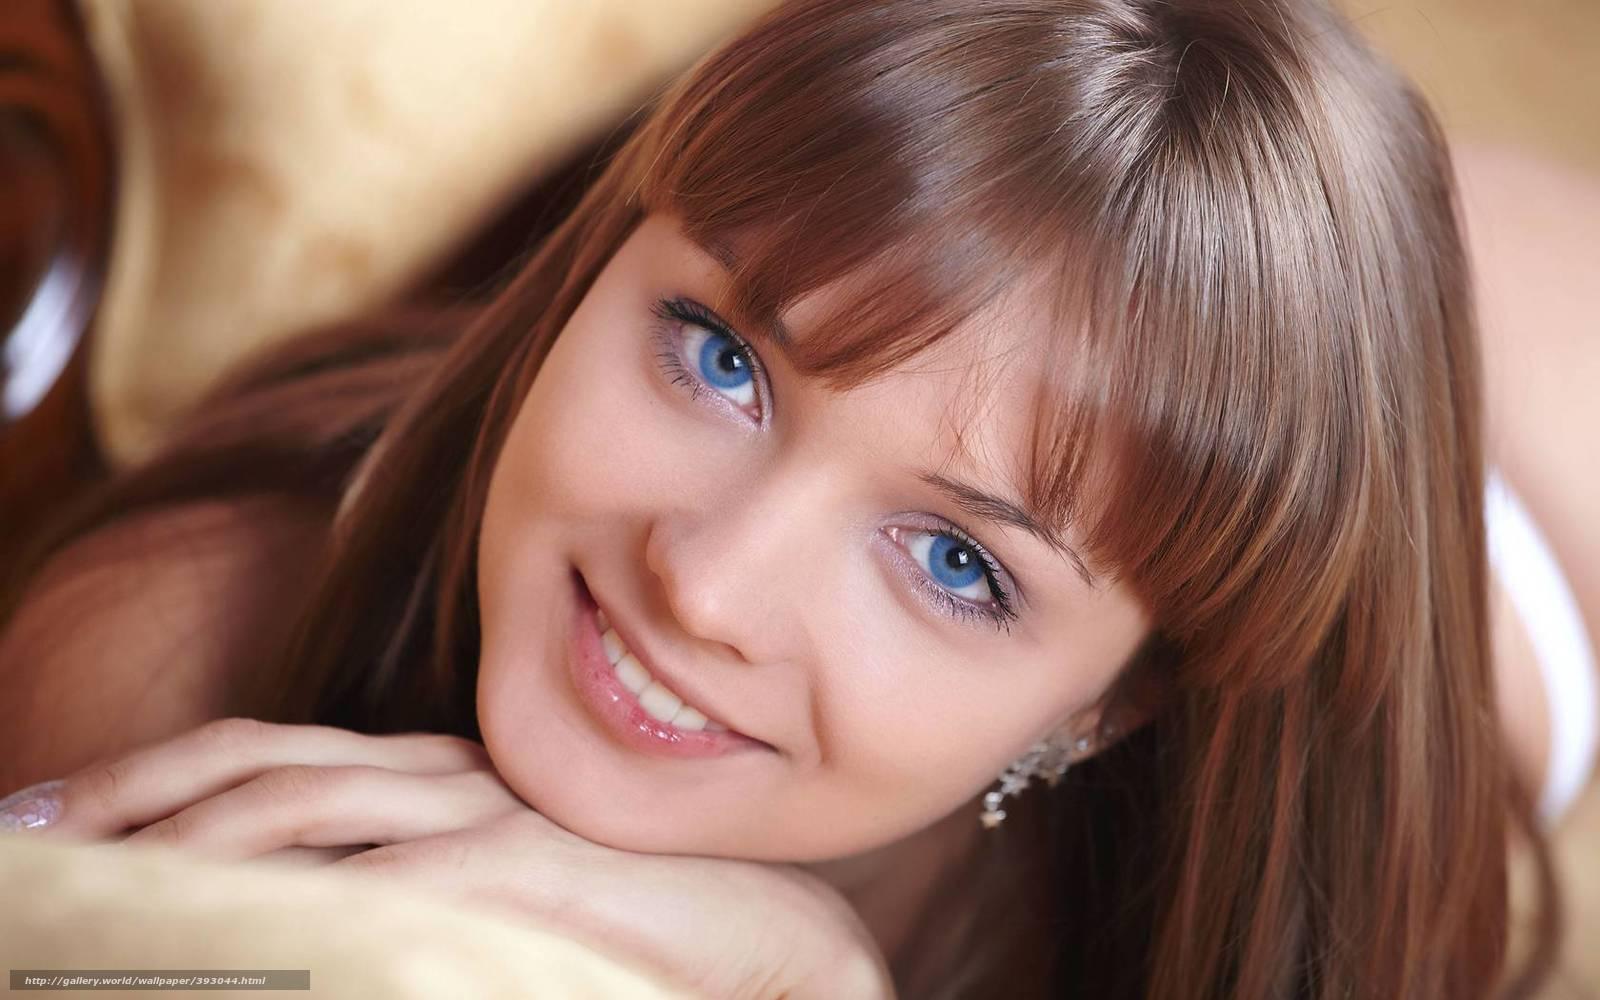 Фото девушек с милой улыбкой 7 фотография